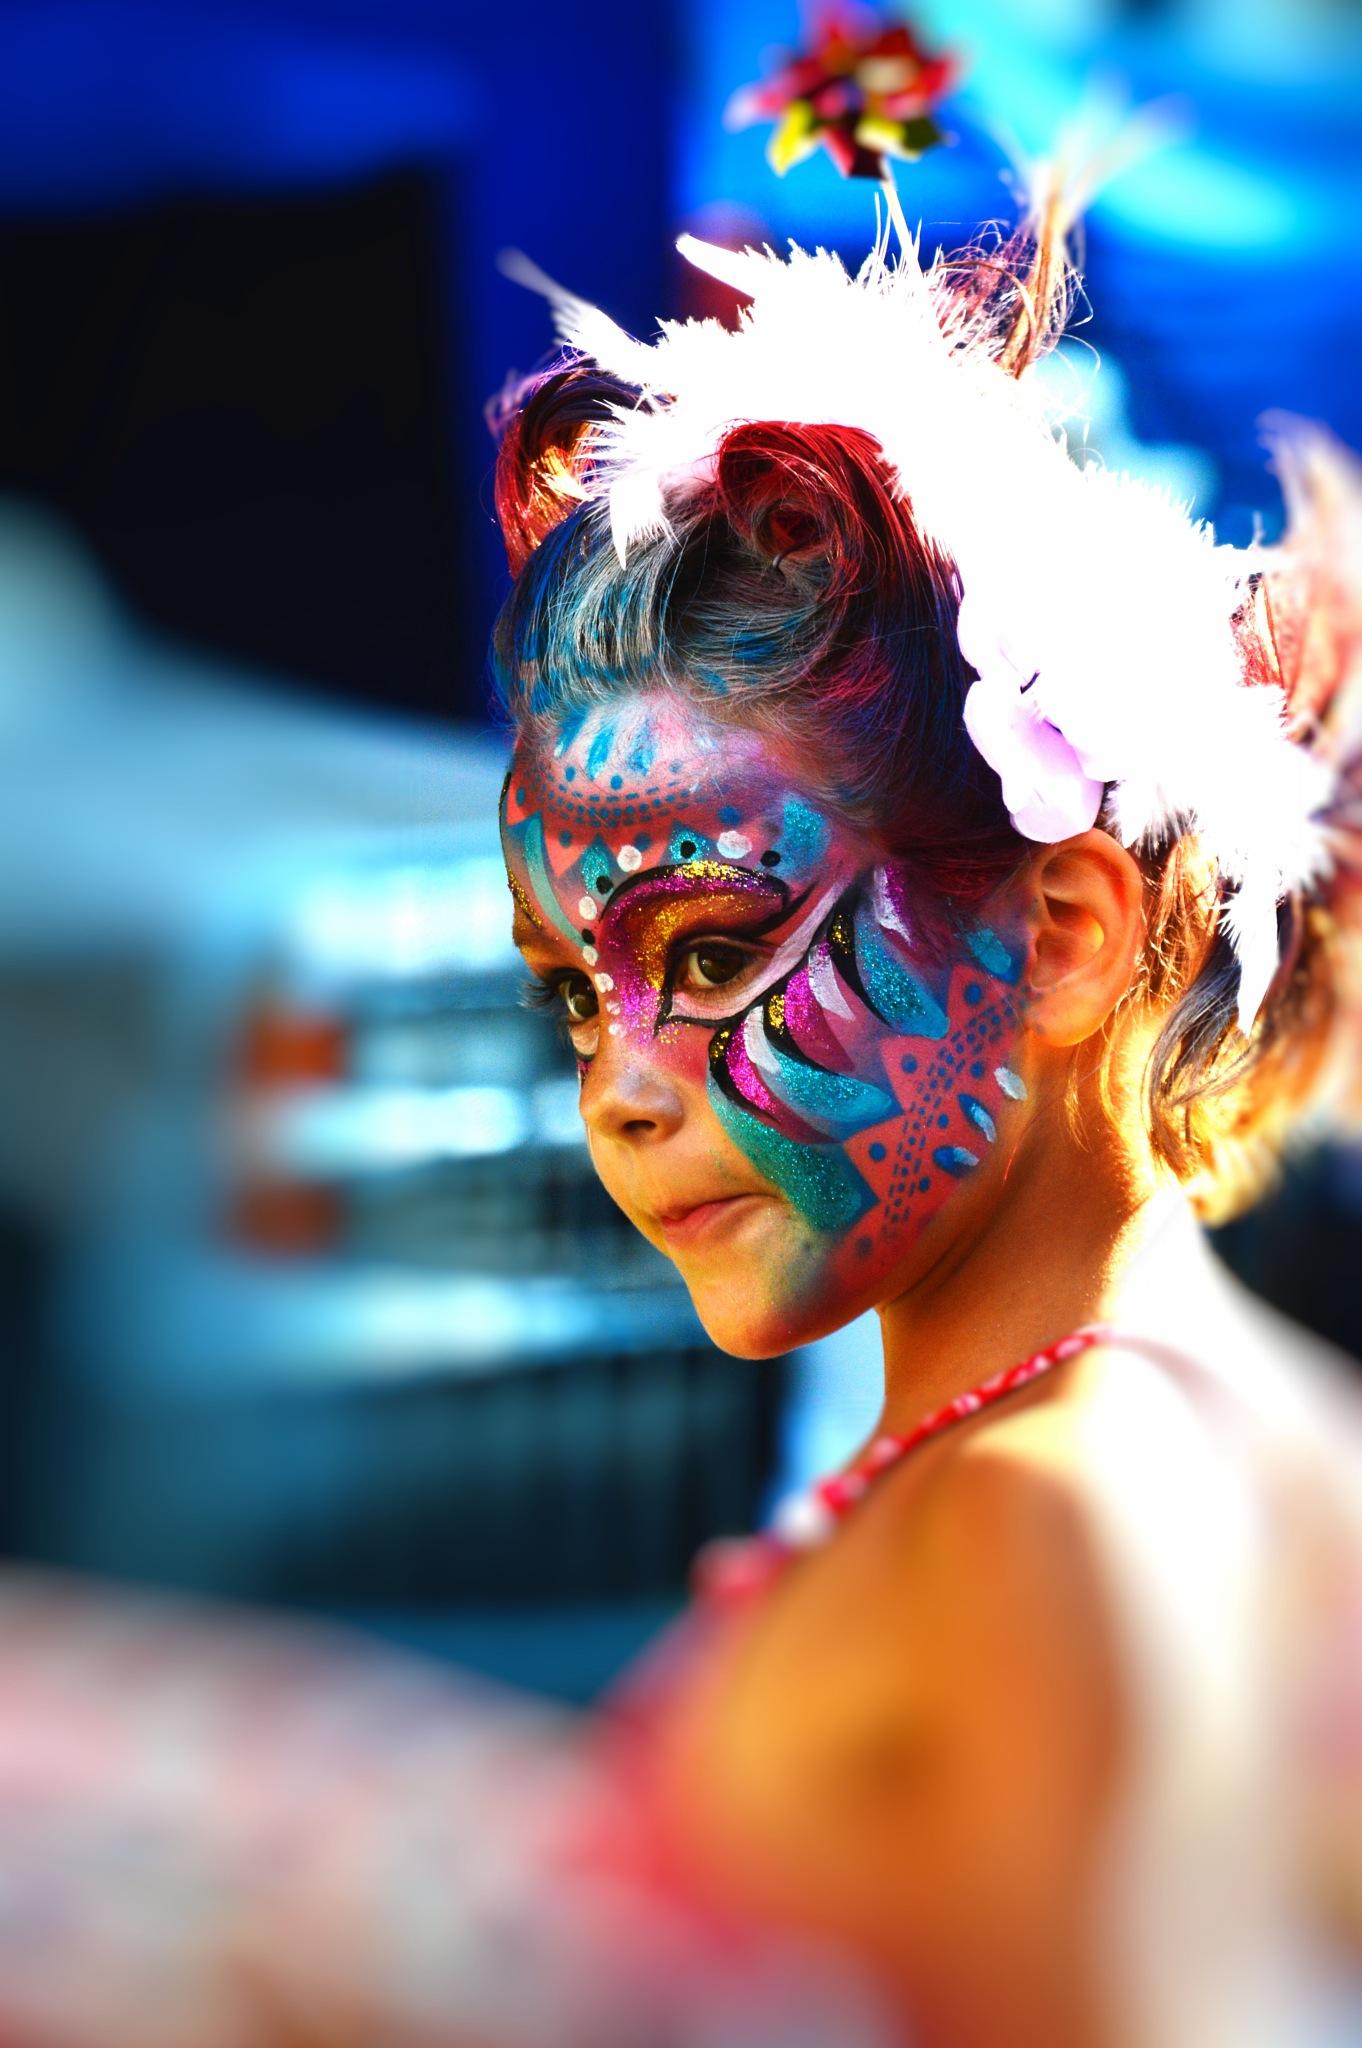 Painted Face by Paul Deveau